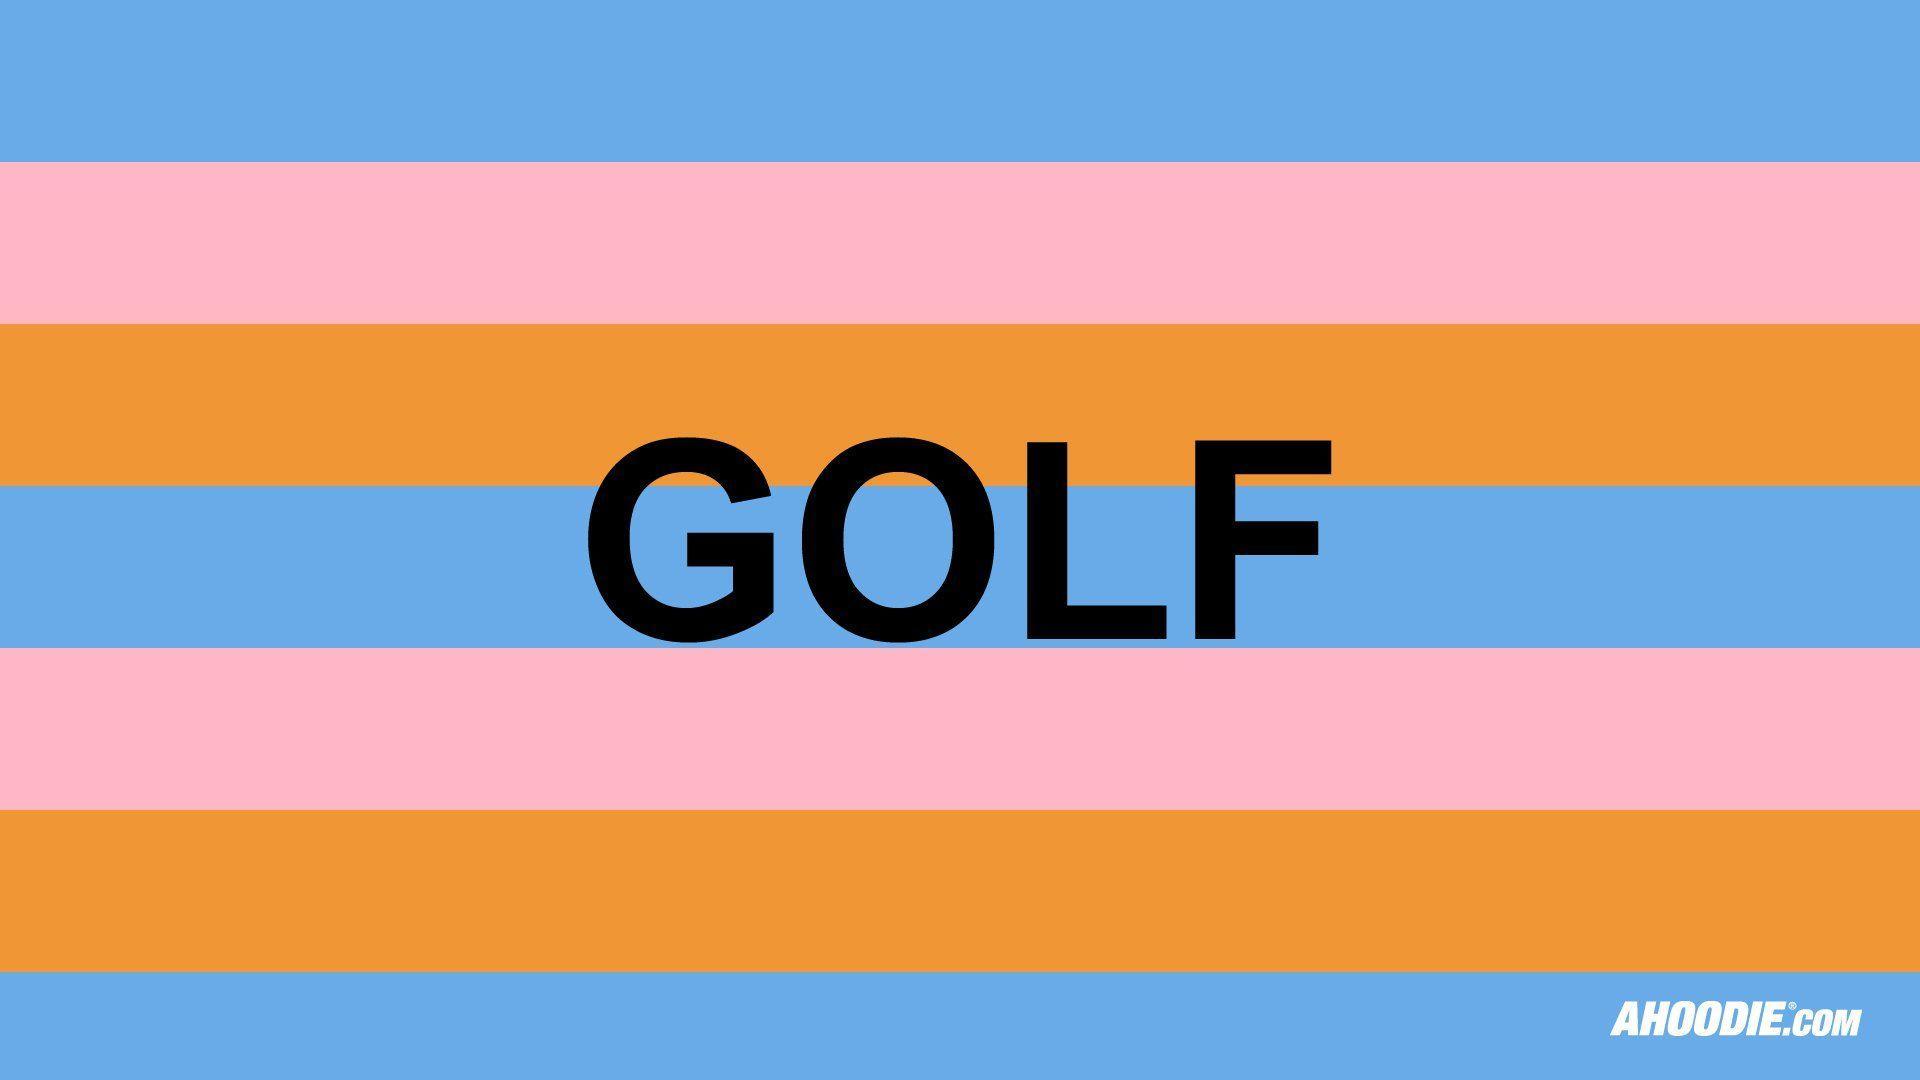 Golf Ahoodie Wallpapers Top Free Golf Ahoodie Backgrounds